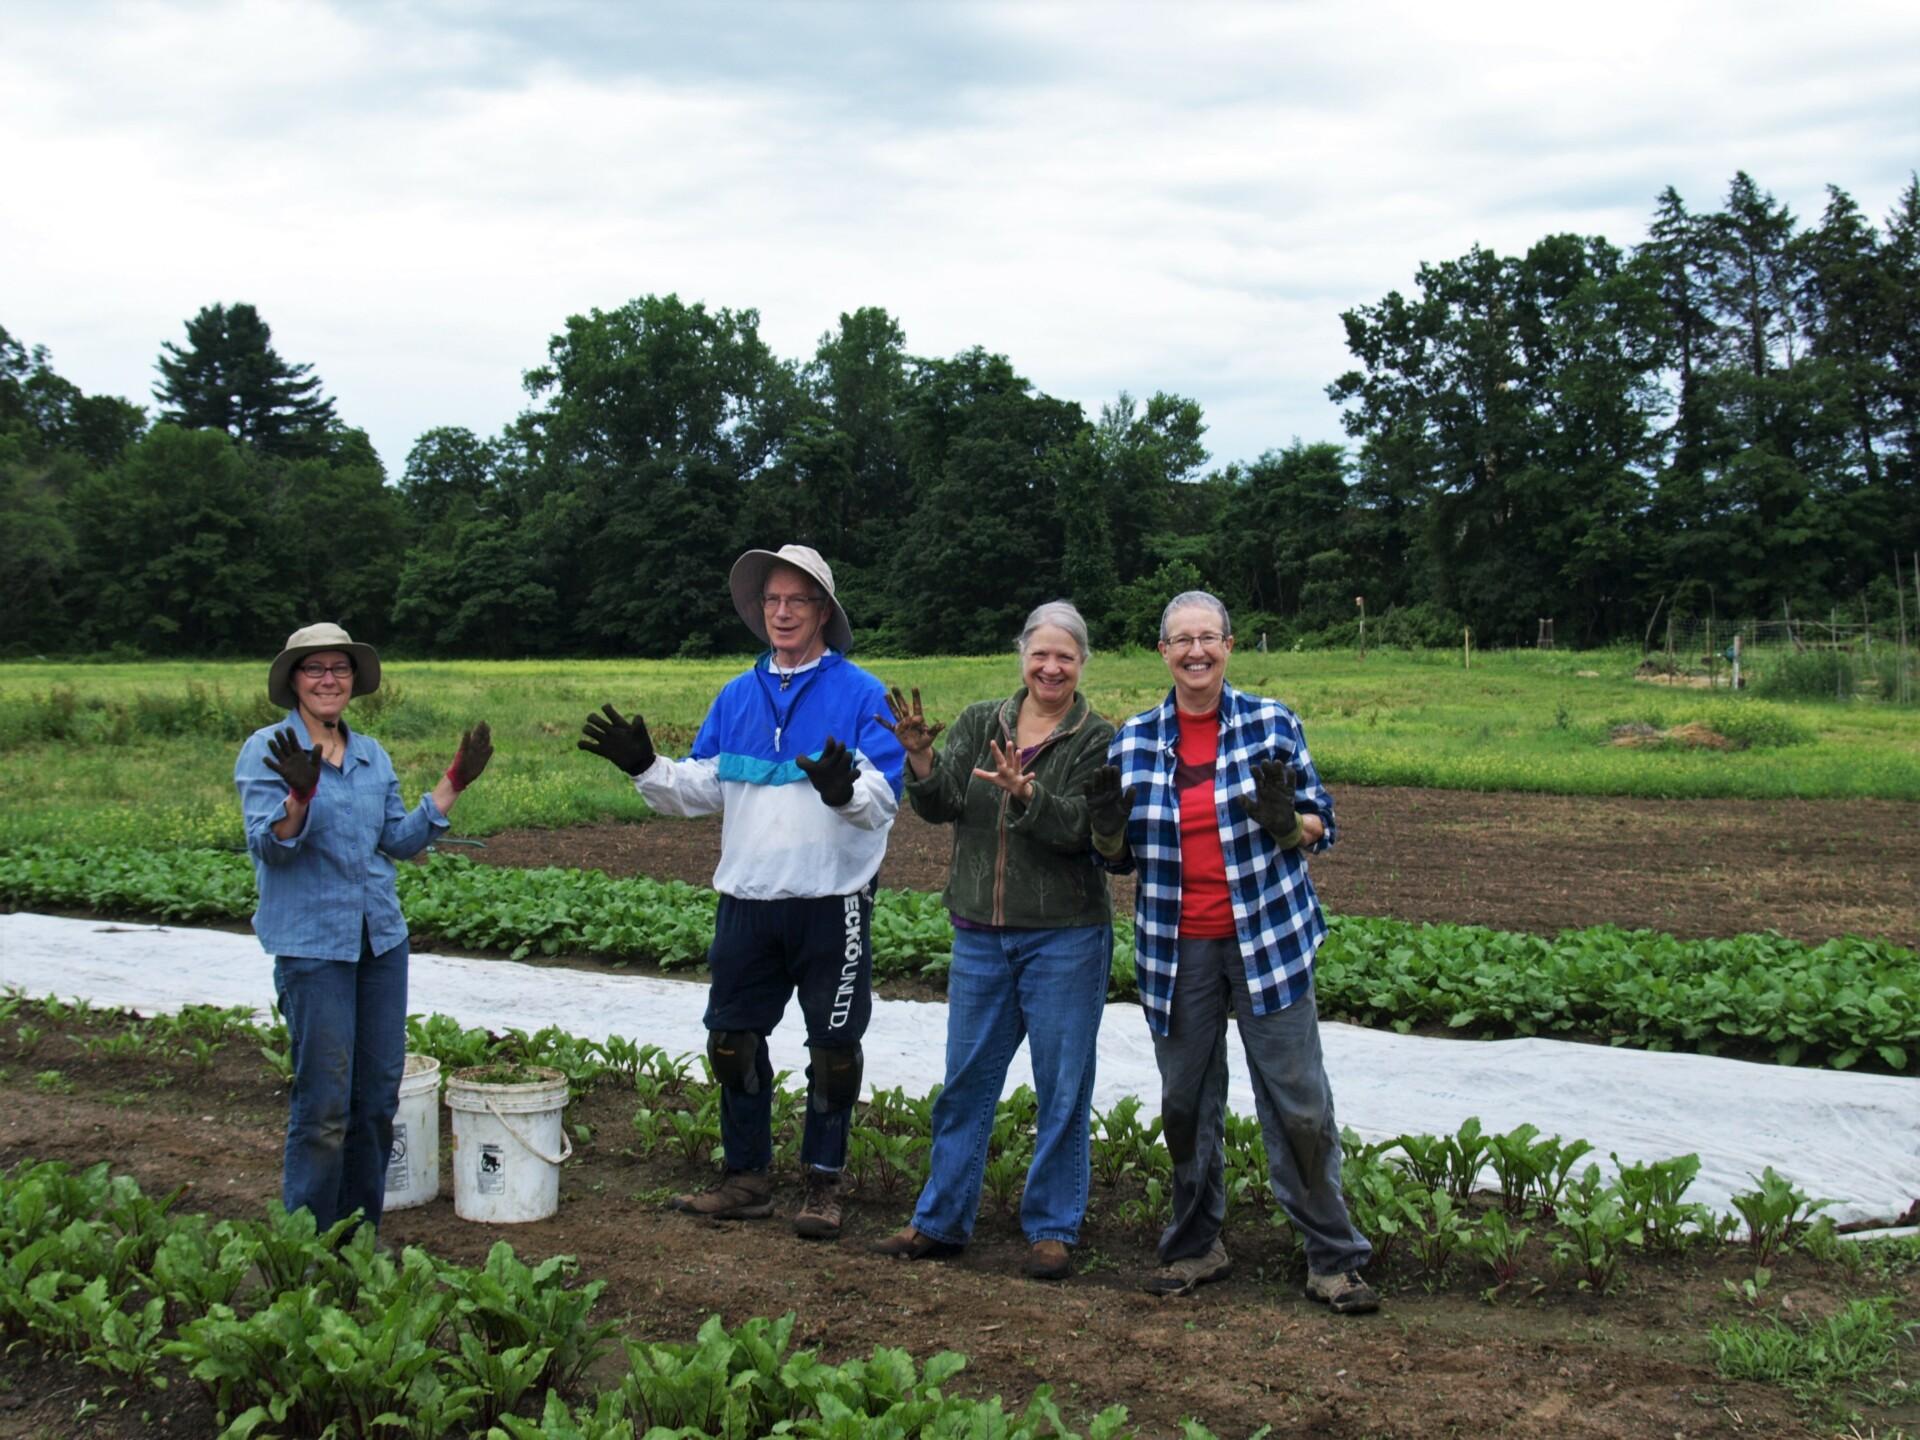 The Bountiful 2017 Giving Garden Season